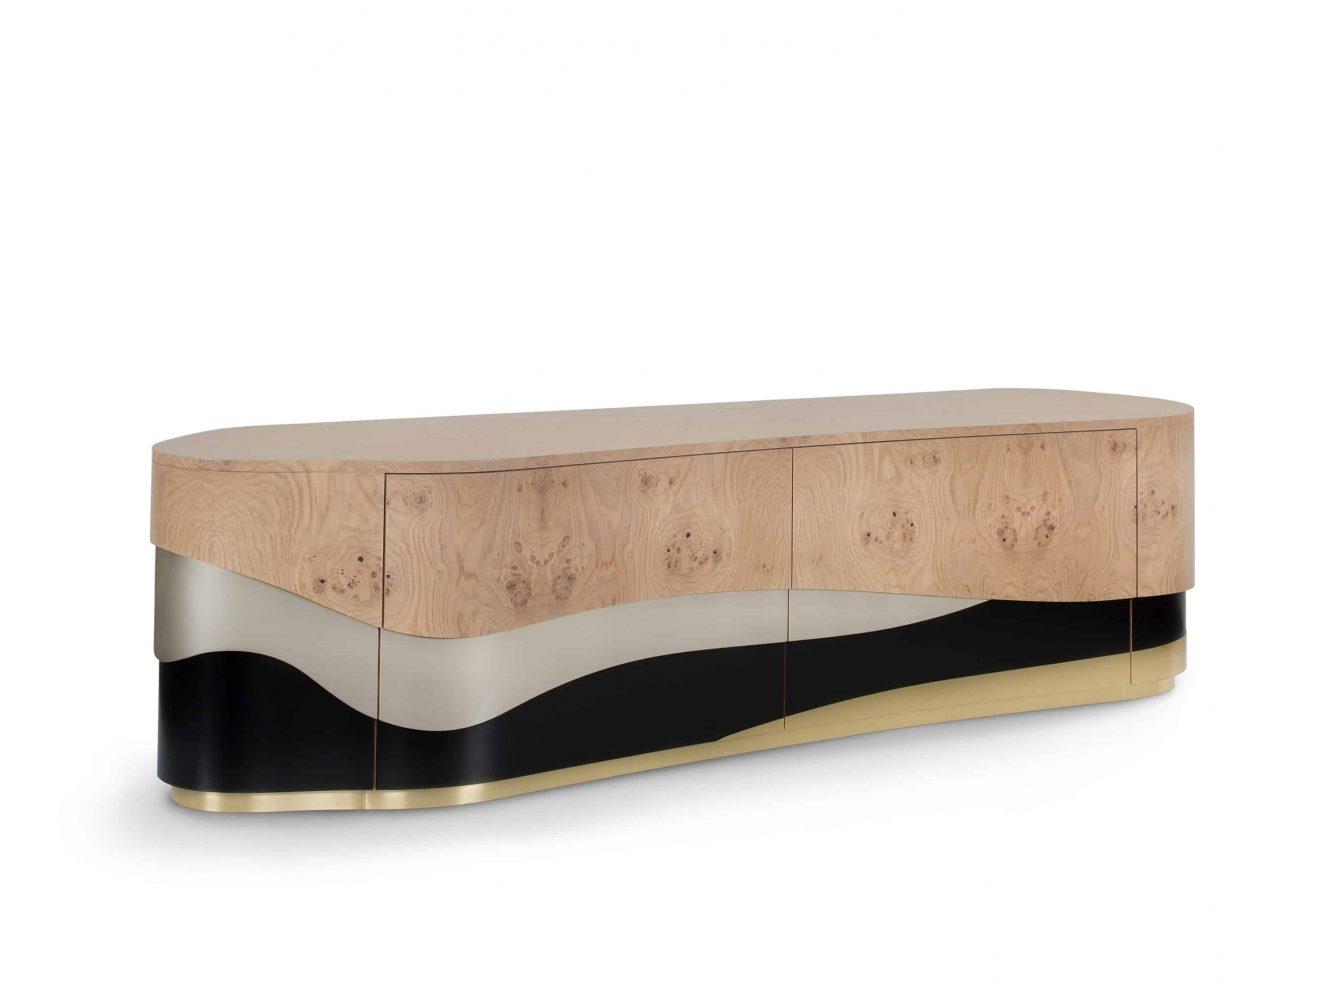 Sistelo-G703219-Sideboard-S-02